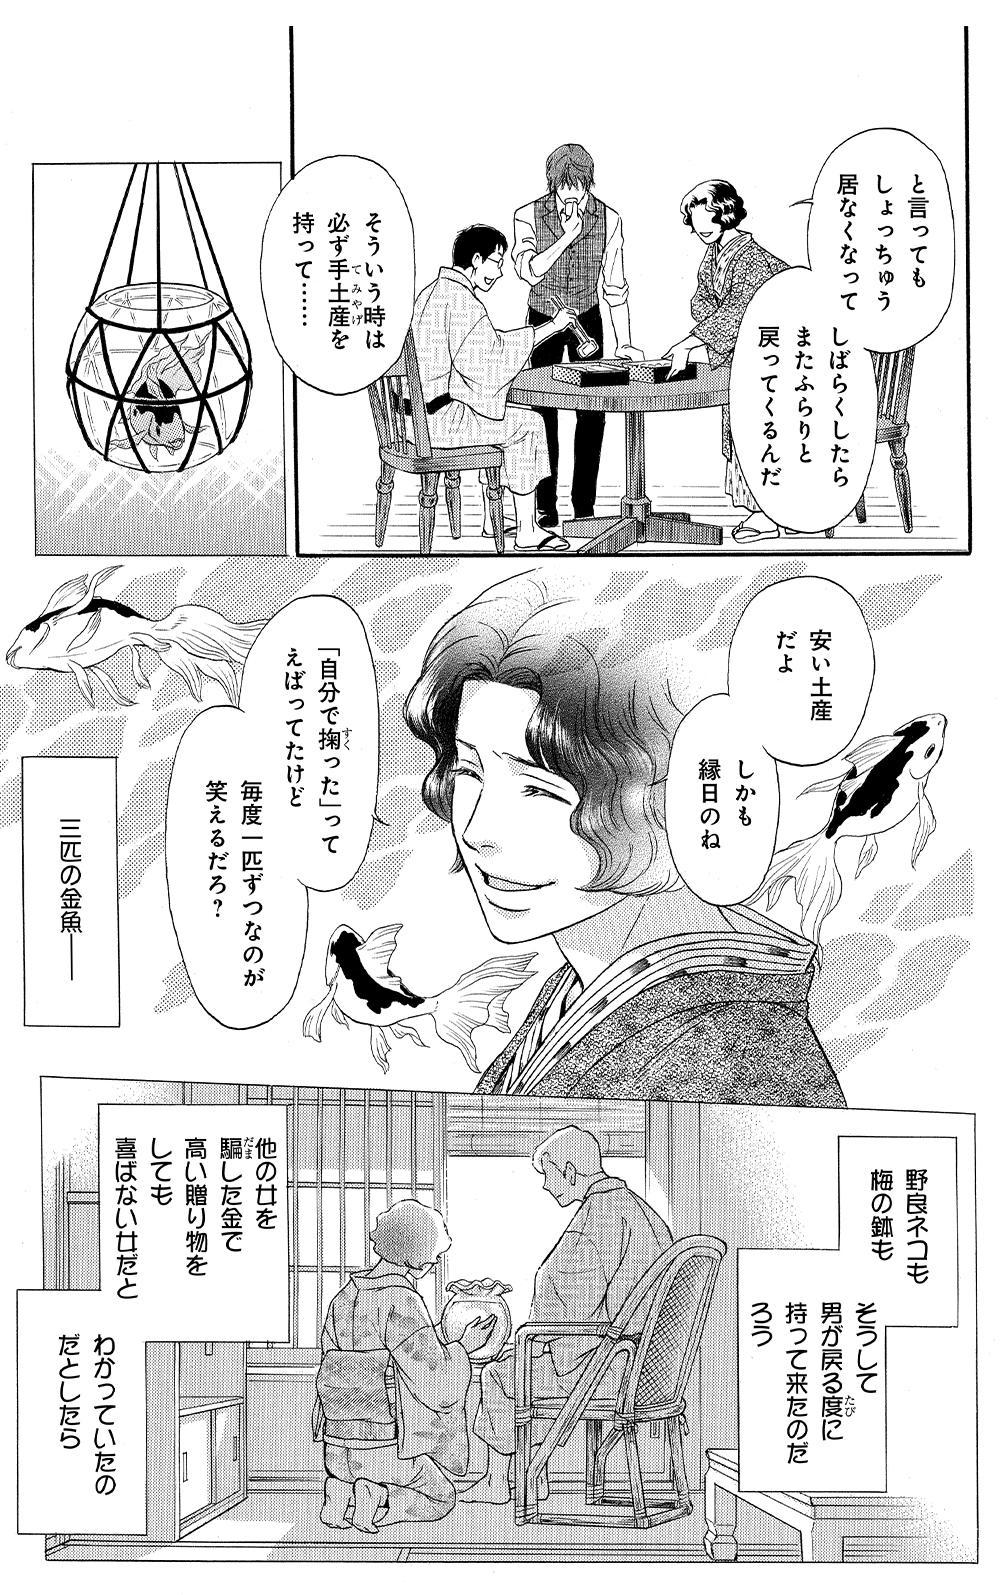 鵼の絵師 第2話「おきみやげ」②nuenoeshi04-04.jpg